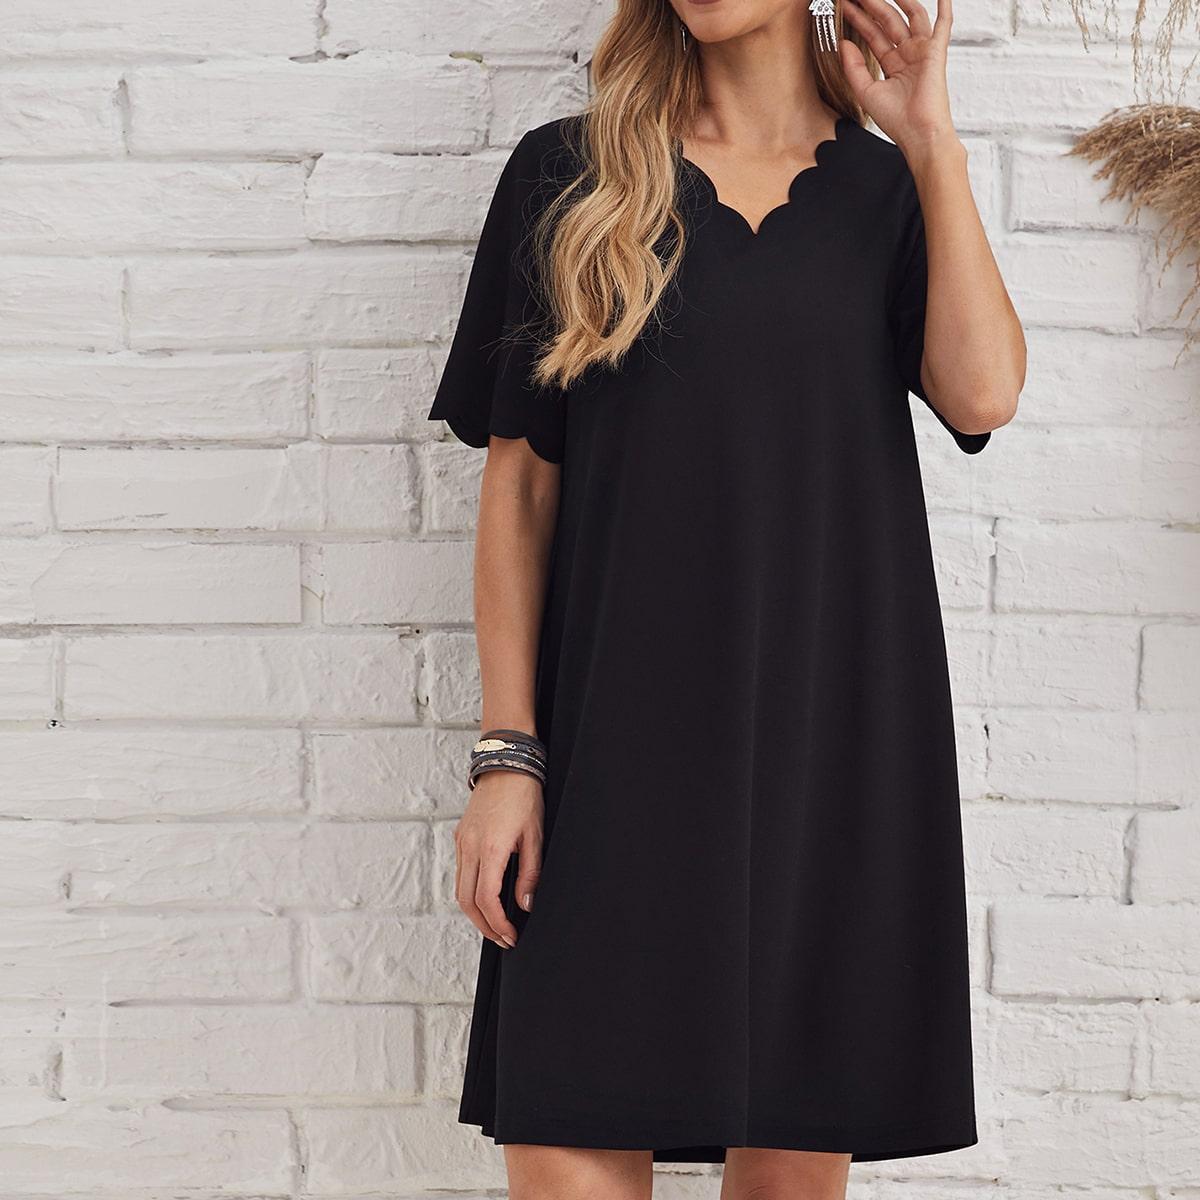 Однотонное платье с v-образным воротником по цене 770